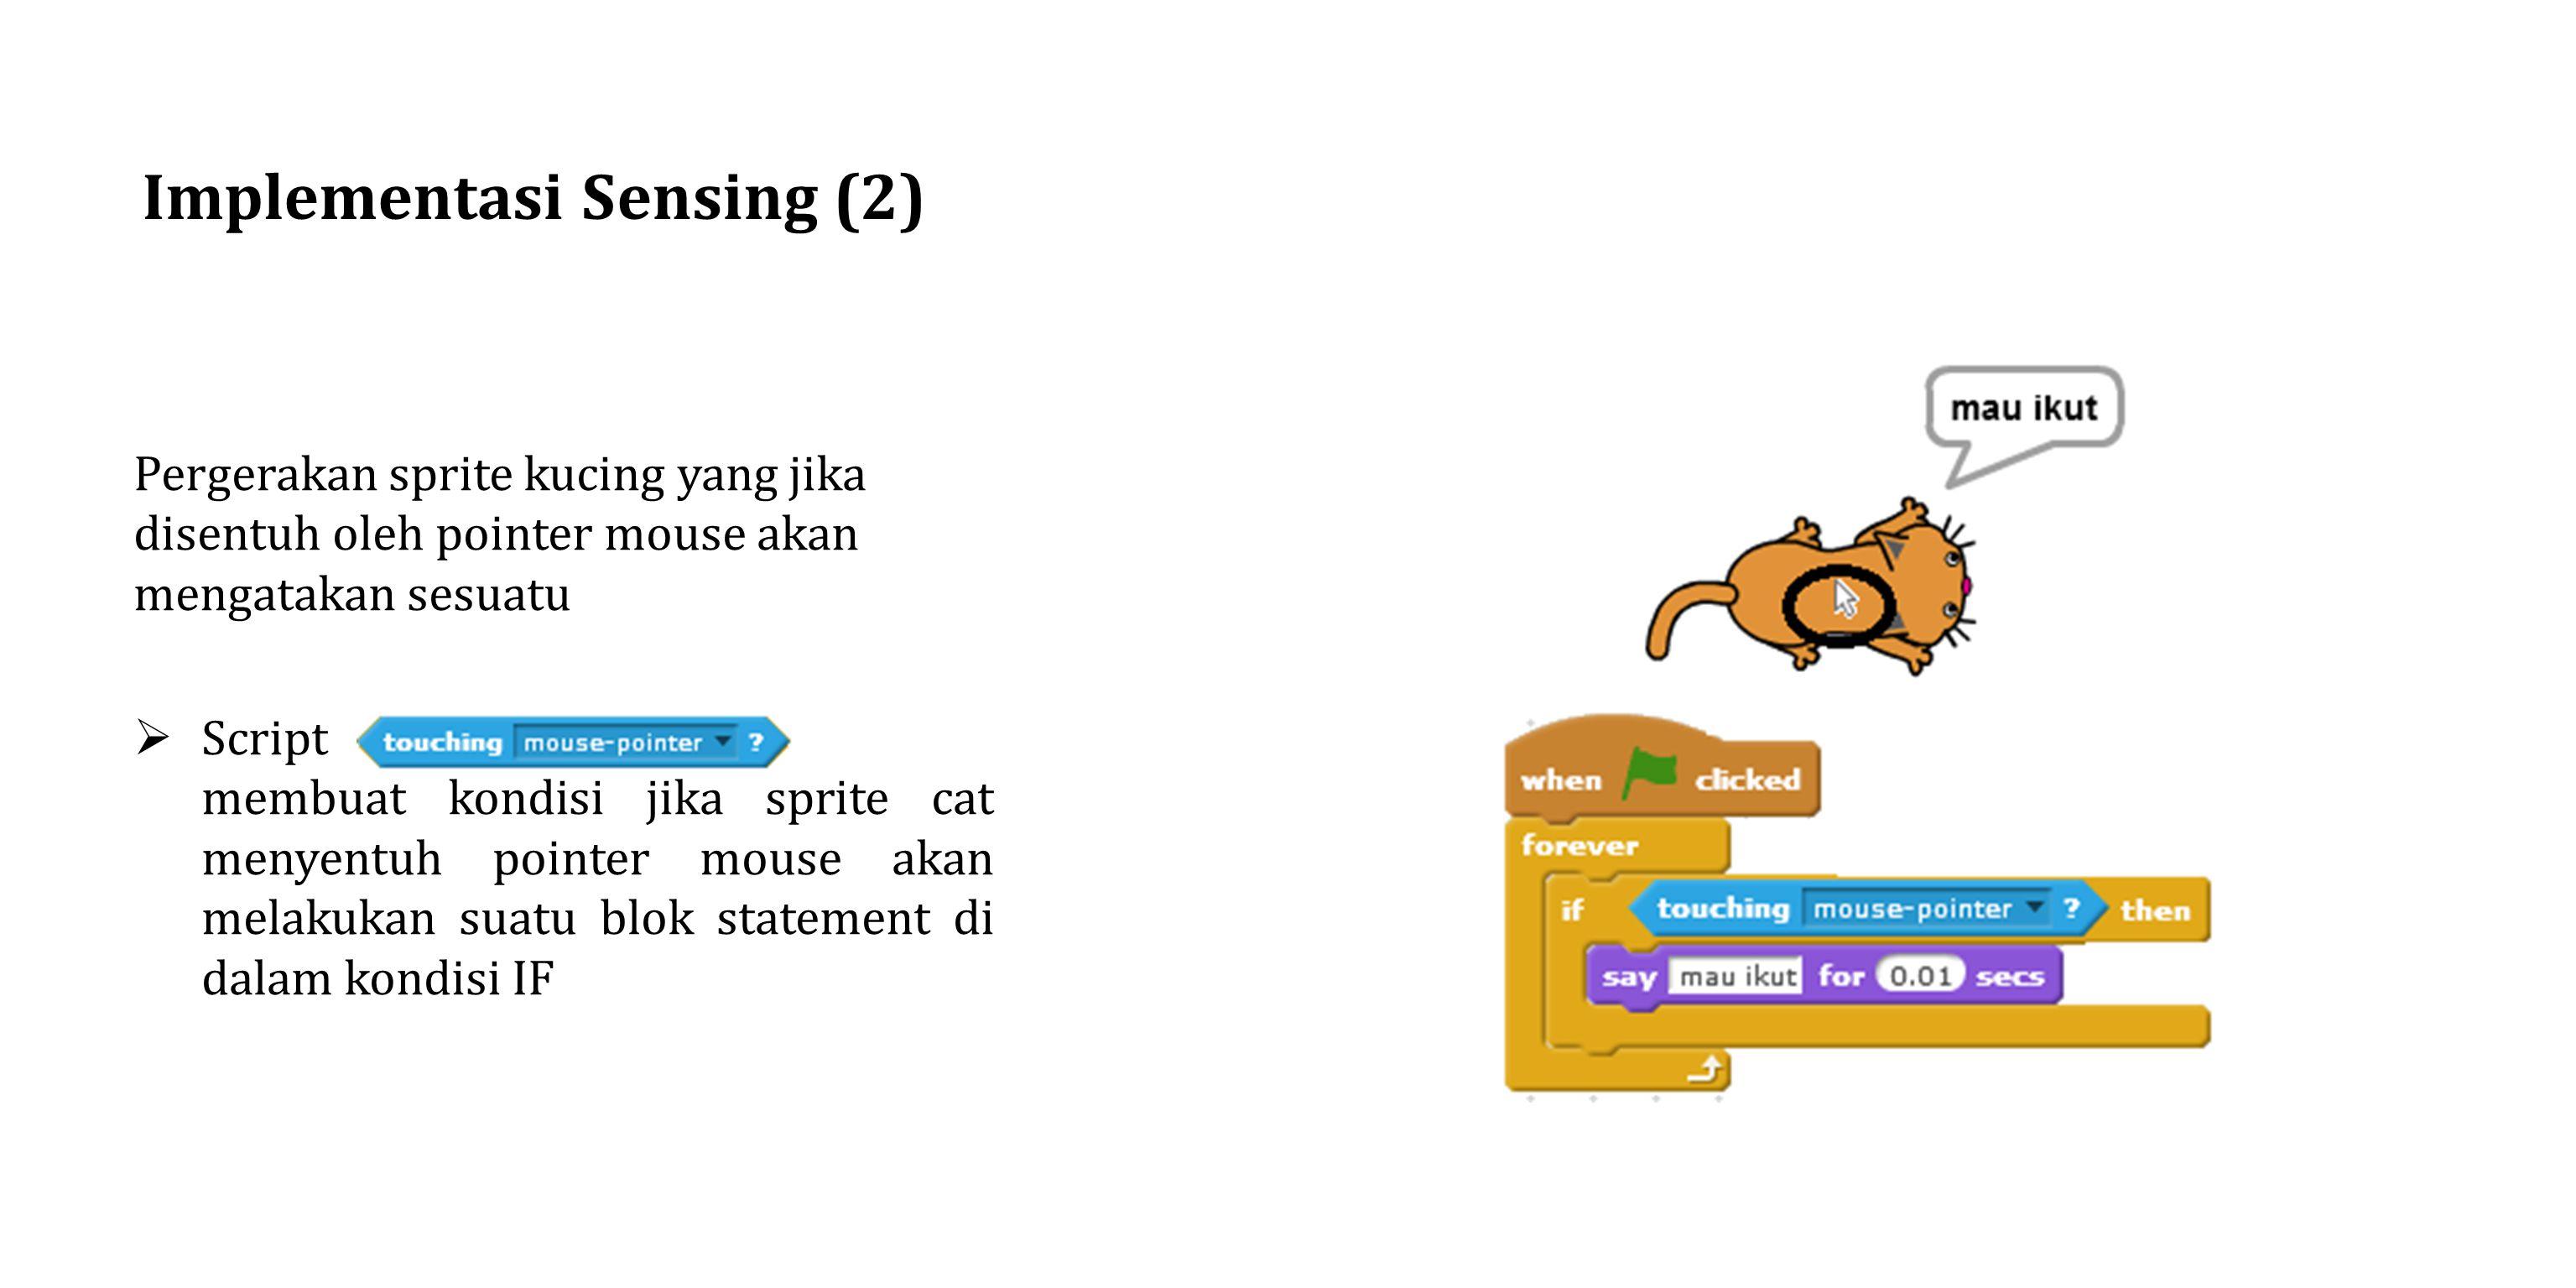 Implementasi Sensing (2) Pergerakan sprite kucing yang jika disentuh oleh pointer mouse akan mengatakan sesuatu  Script membuat kondisi jika sprite cat menyentuh pointer mouse akan melakukan suatu blok statement di dalam kondisi IF